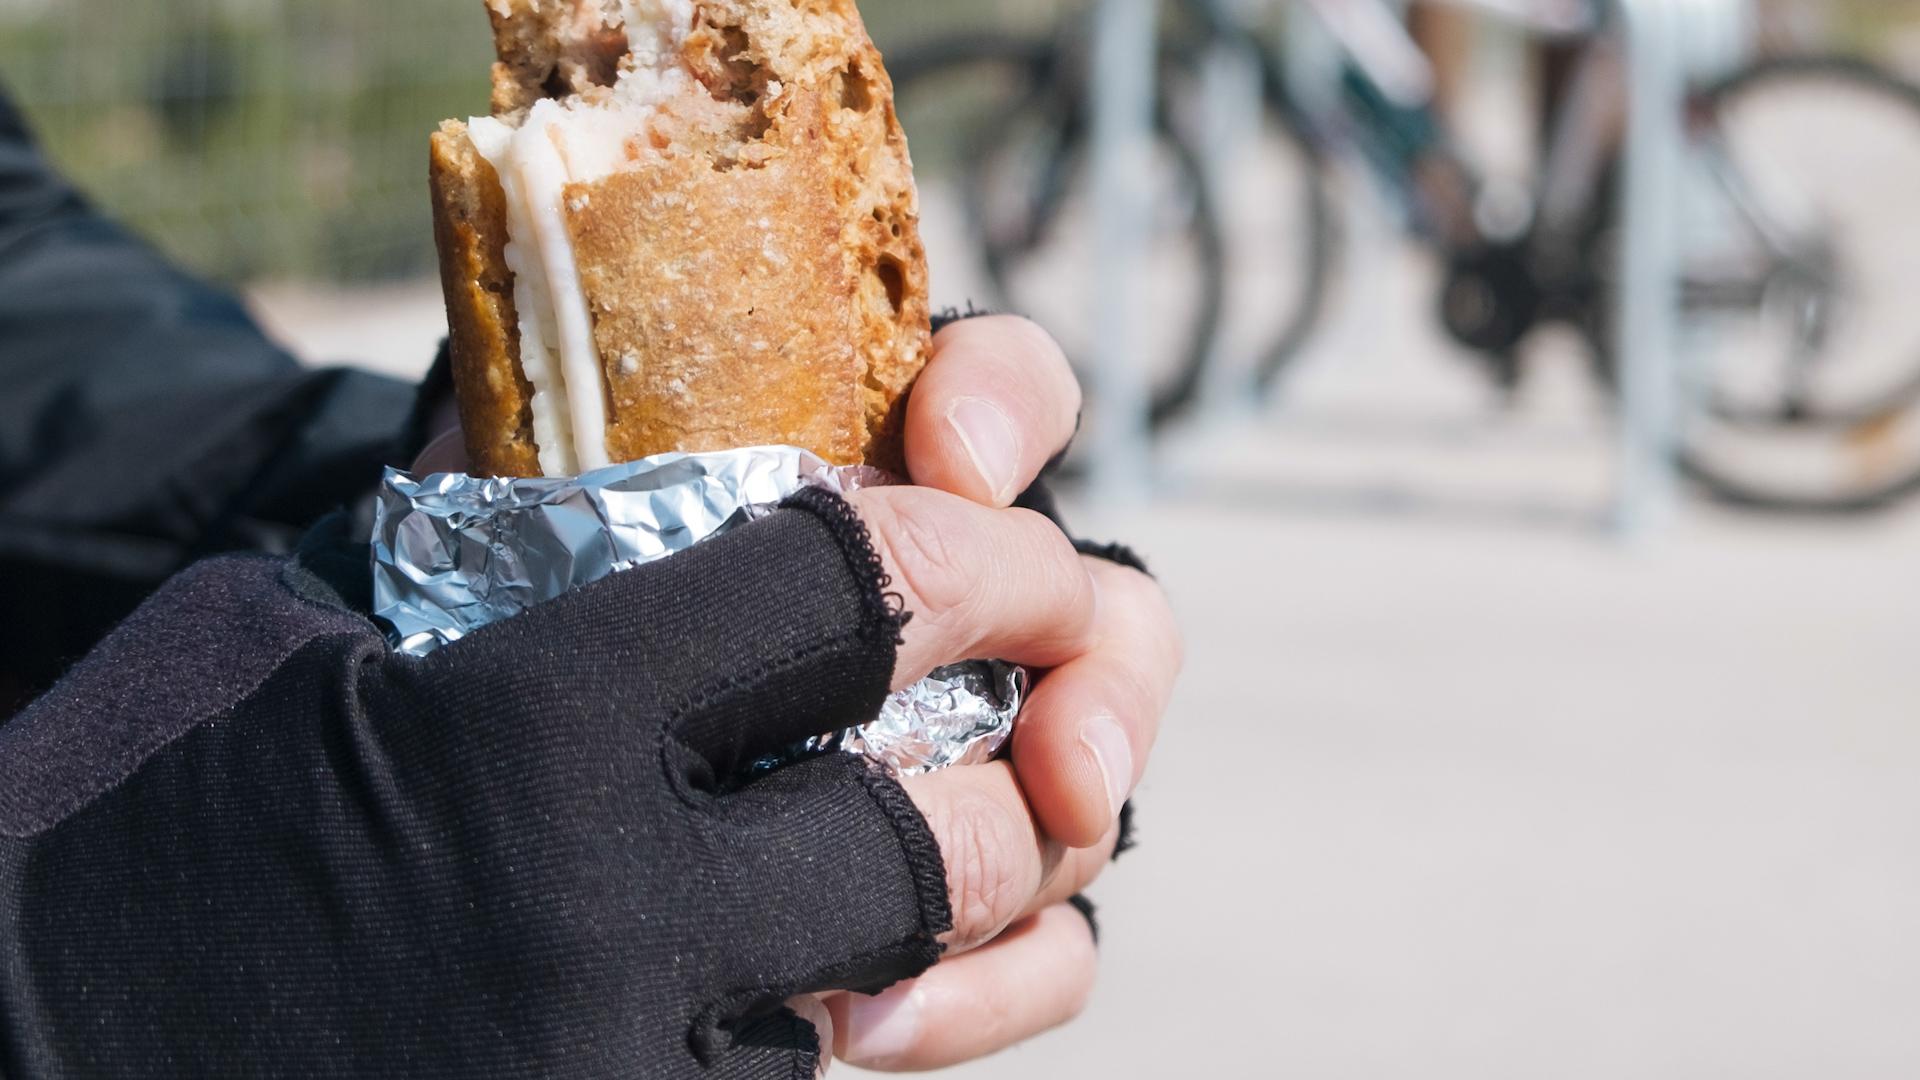 Nie zawijaj resztek jedzenia w folię aluminiową